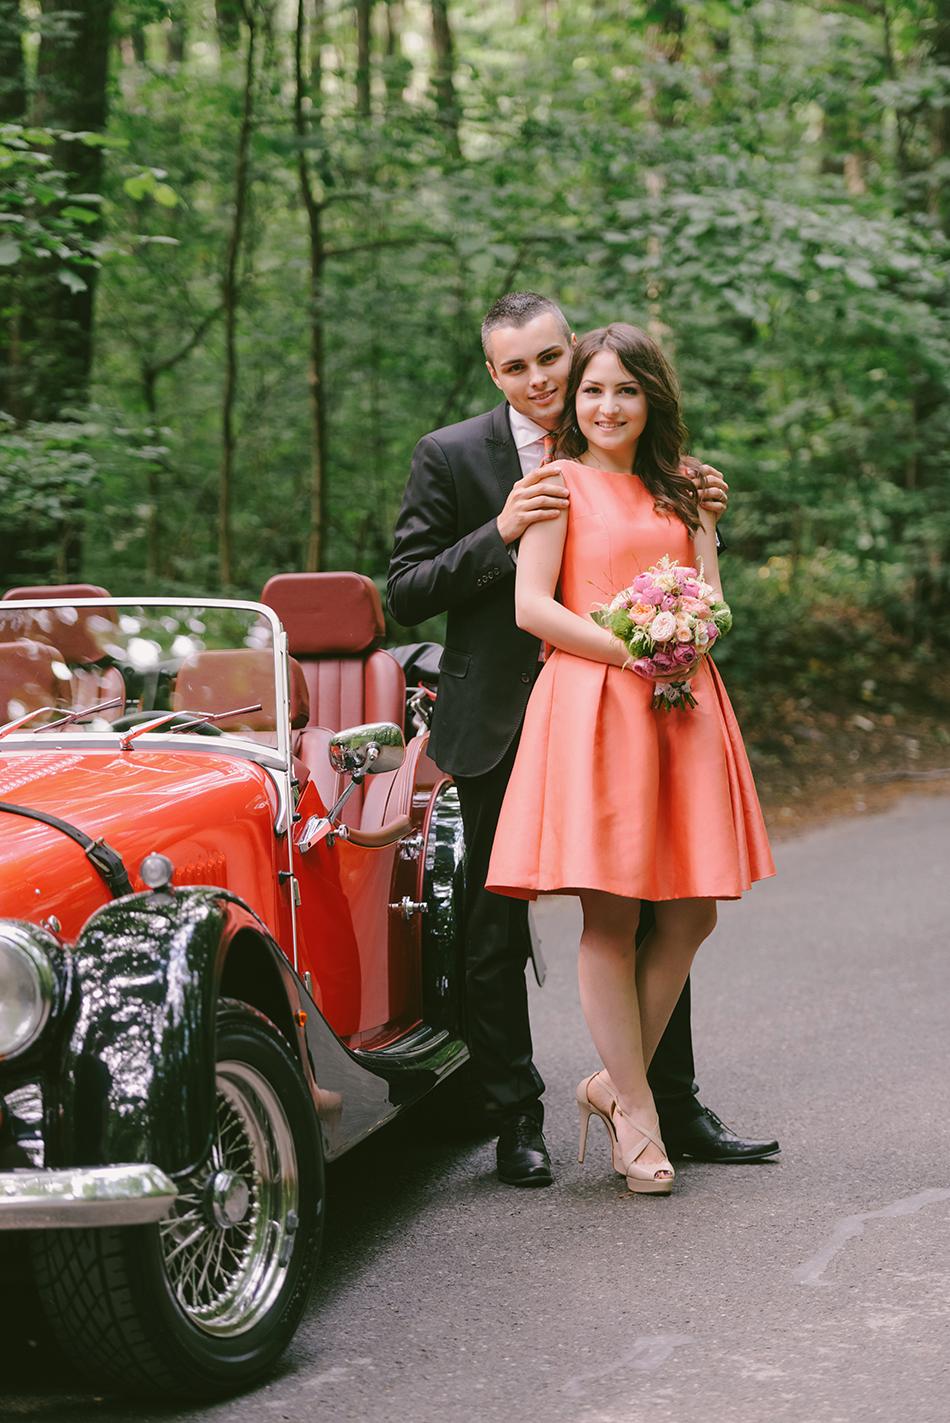 AD Passion Photography | fotograf-nunta-bucuresti_cununie_astrid-madalin_0044 | Adelin, Dida, fotograf profesionist, fotograf de nunta, fotografie de nunta, fotograf Timisoara, fotograf Craiova, fotograf Bucuresti, fotograf Arad, nunta Timisoara, nunta Arad, nunta Bucuresti, nunta Craiova